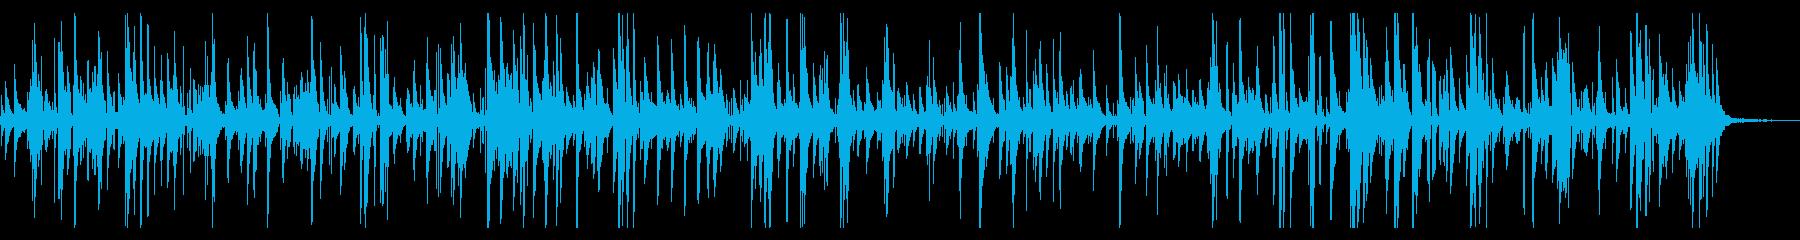 ゆったりとしたジャズピアノバラードの再生済みの波形